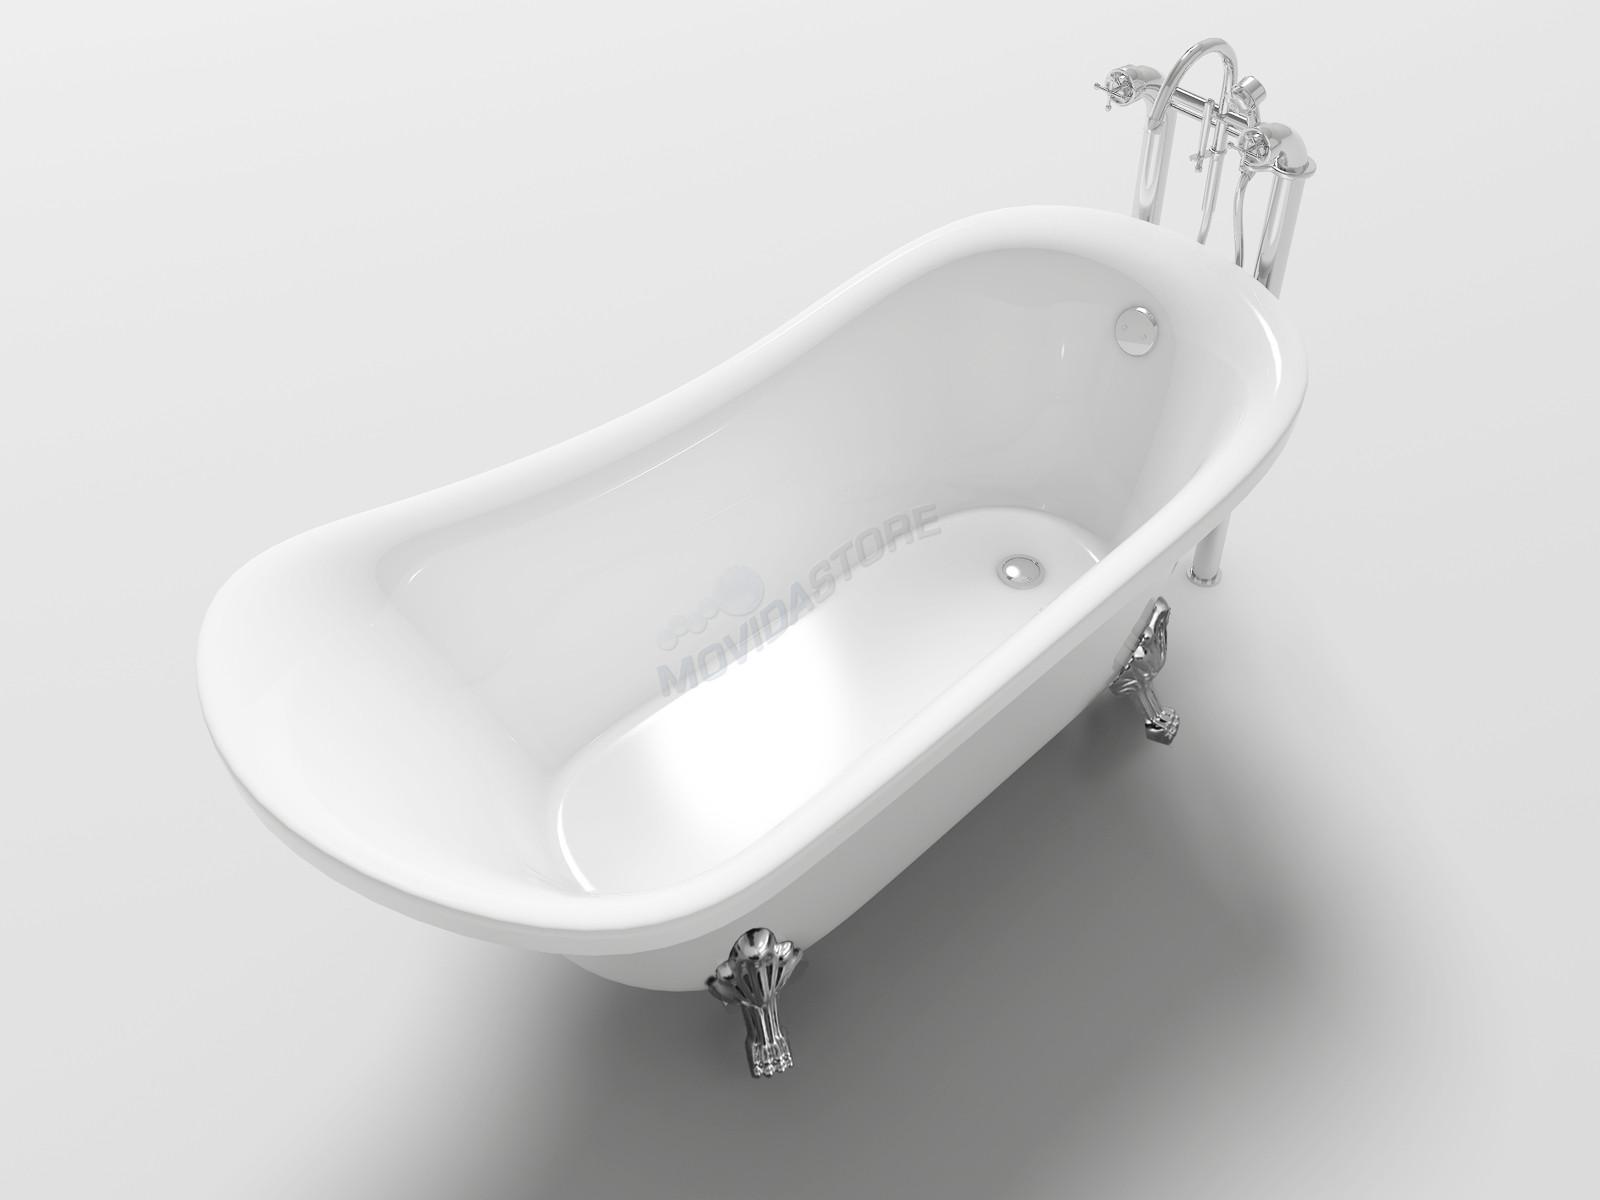 Vasca Da Bagno Angolare Chiusa : Vasca da bagno impero freestanding vintage antica vasche con piedini